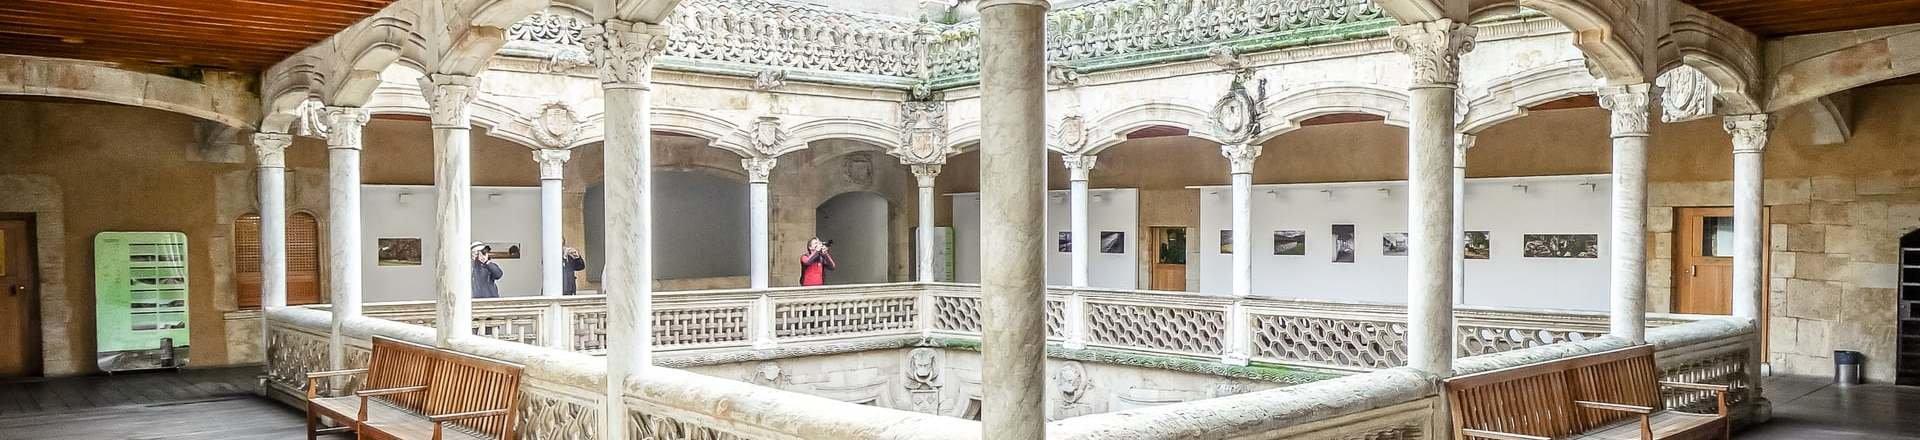 Hoteles en salamanca baratos desde 388 destinia for Piscina alamedilla